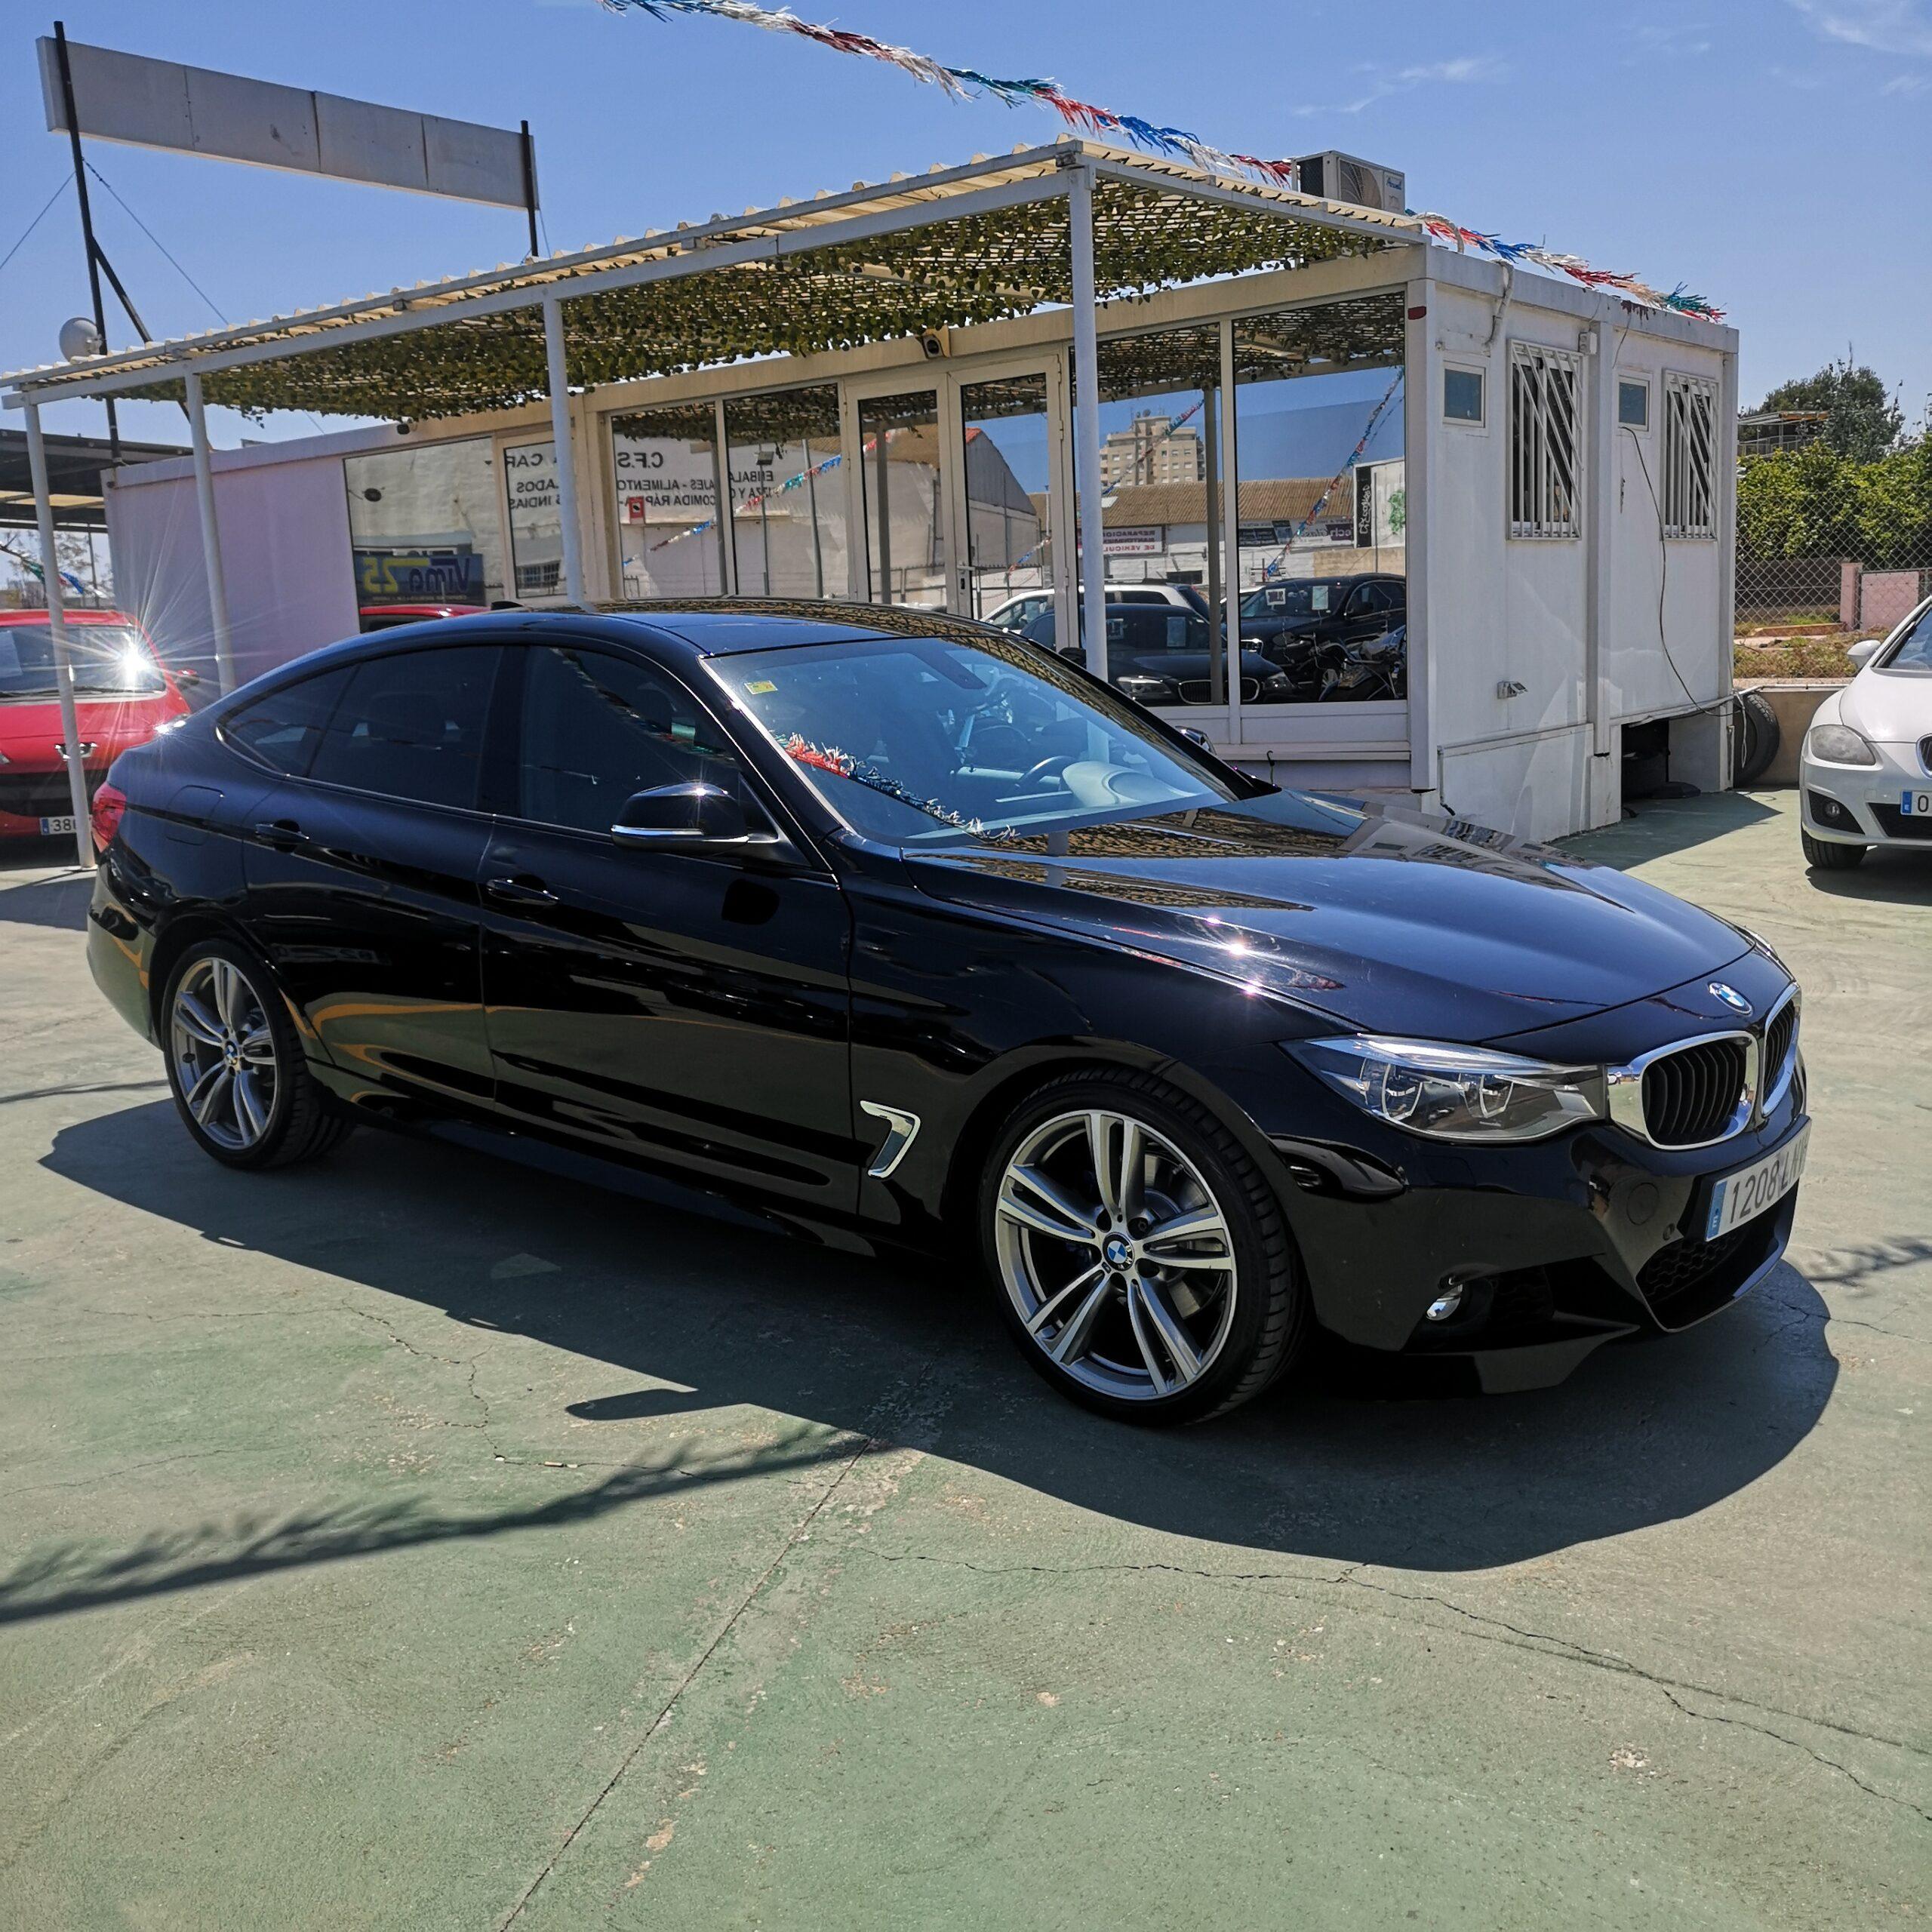 BMW_Gran_Turismo_1